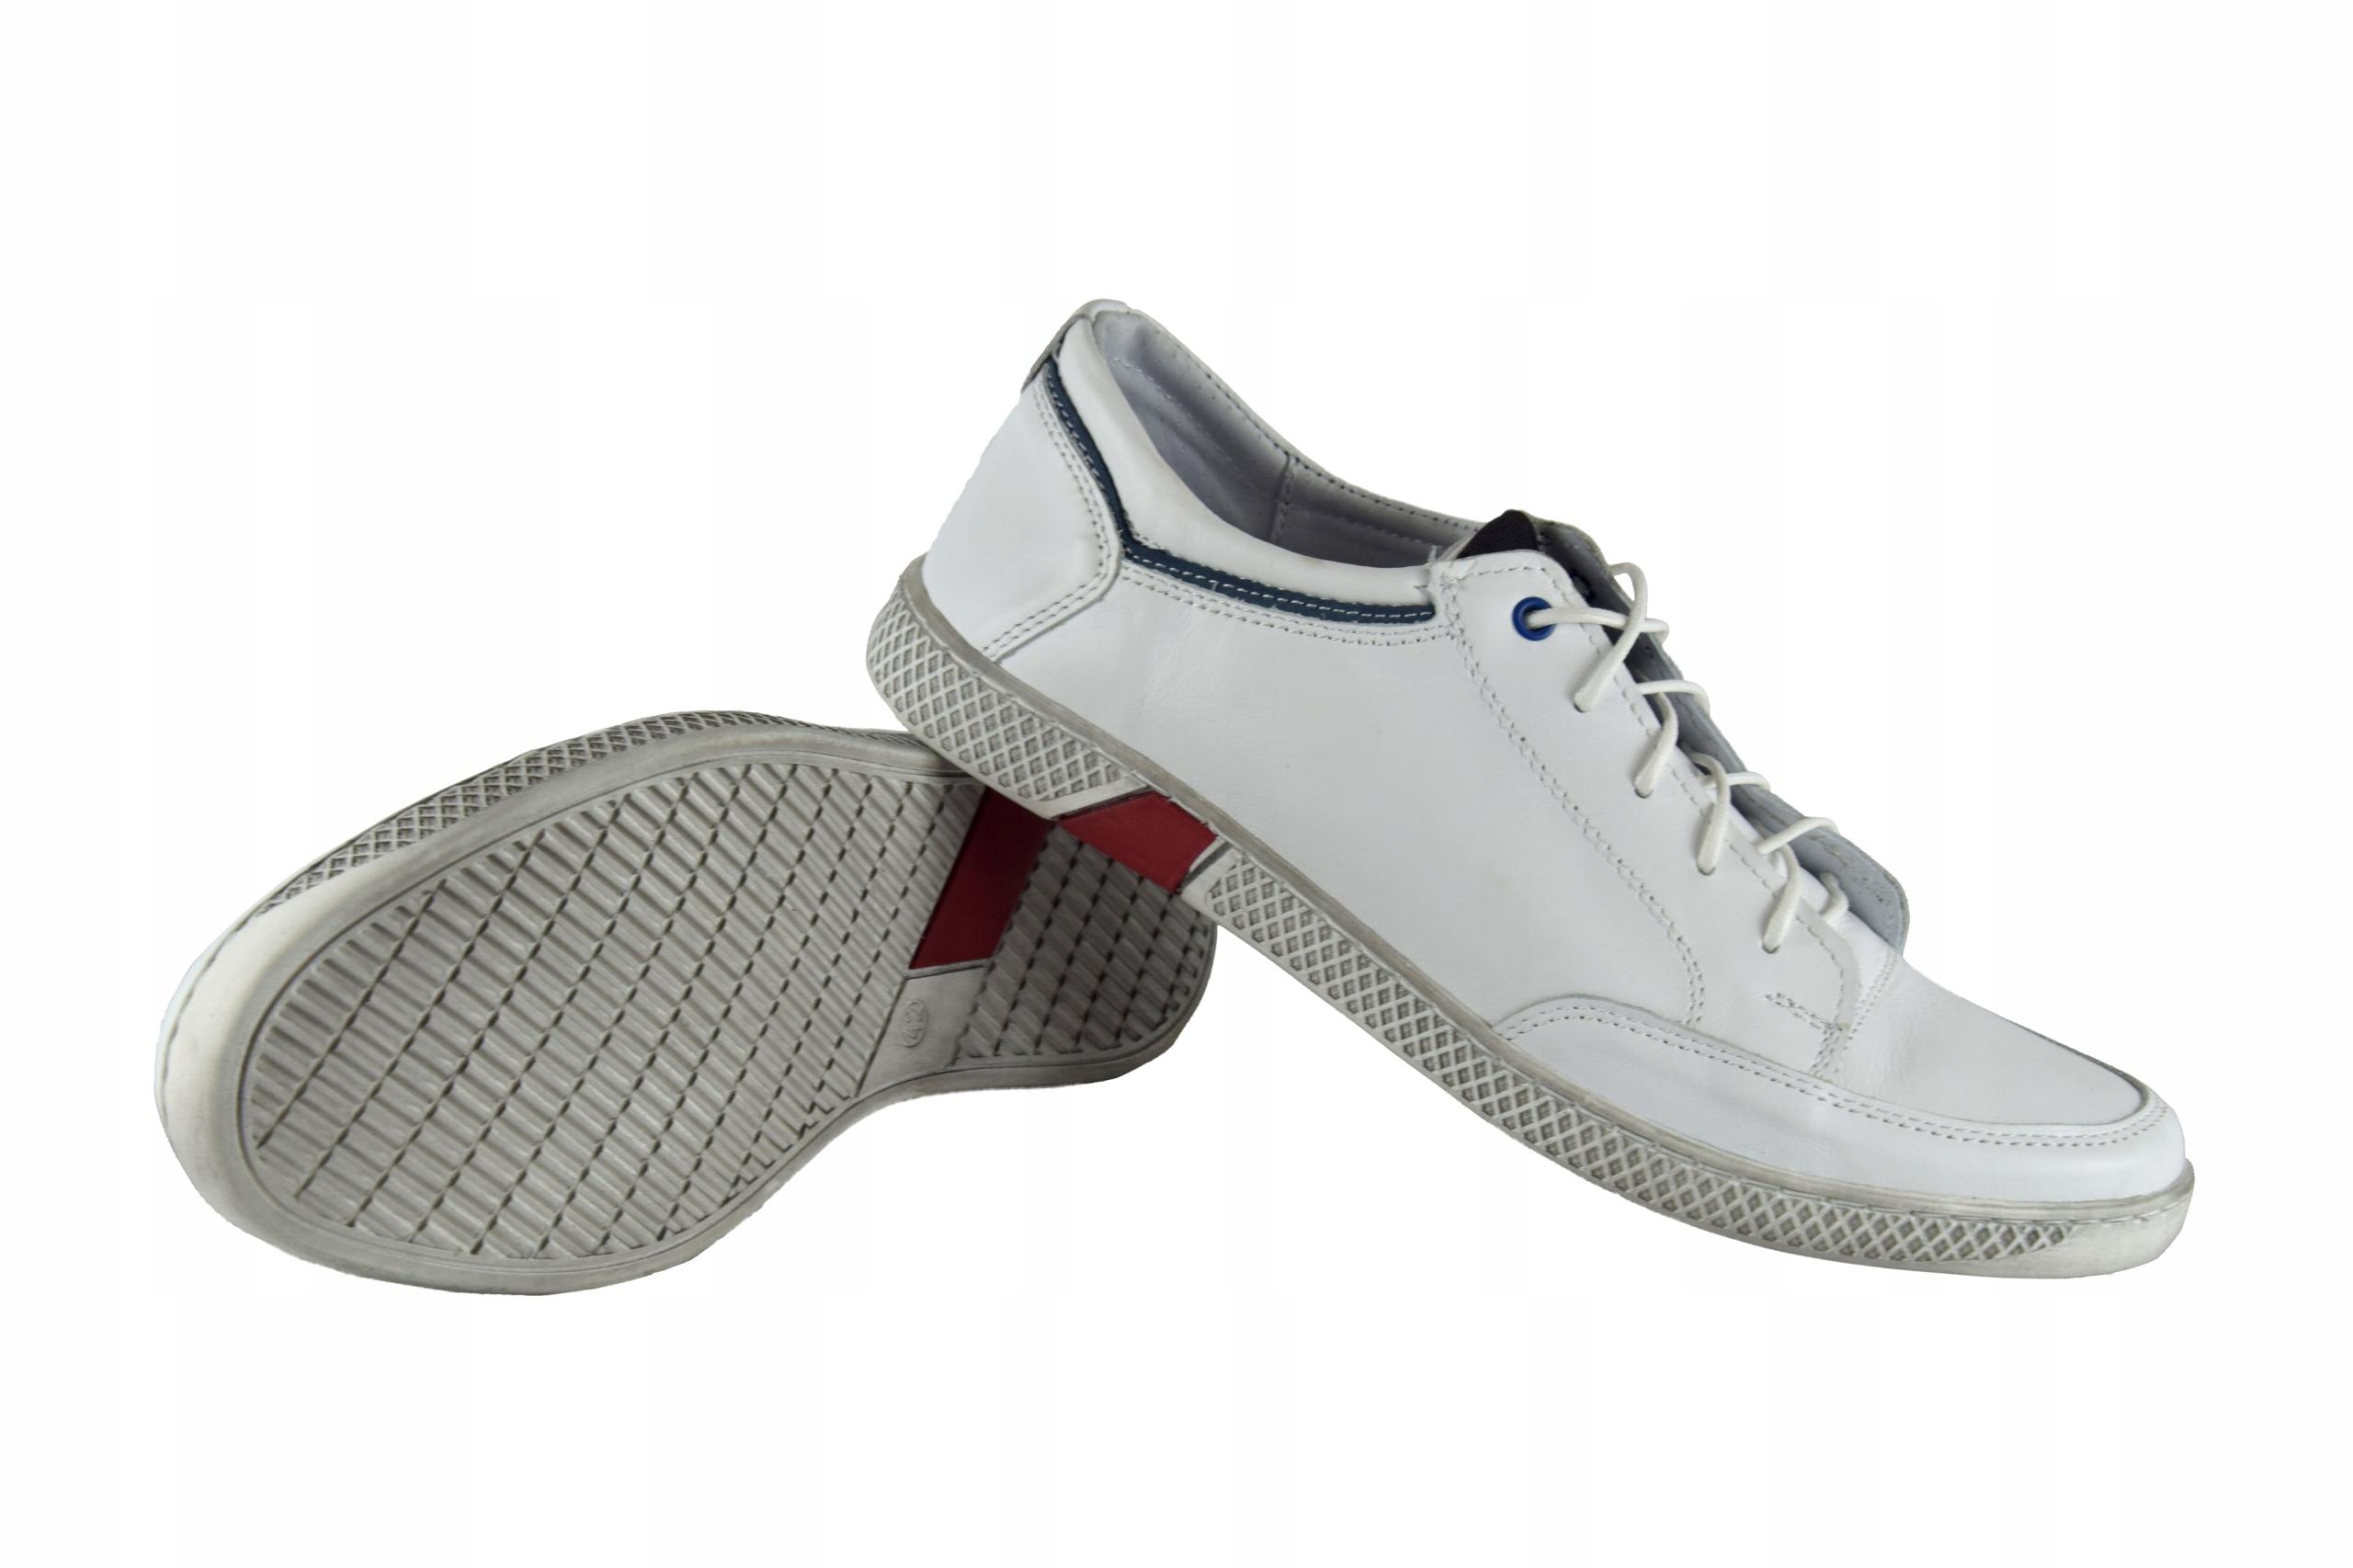 Skórzane męskie białe sznurowane buty męskie 0447 Rozmiar 40